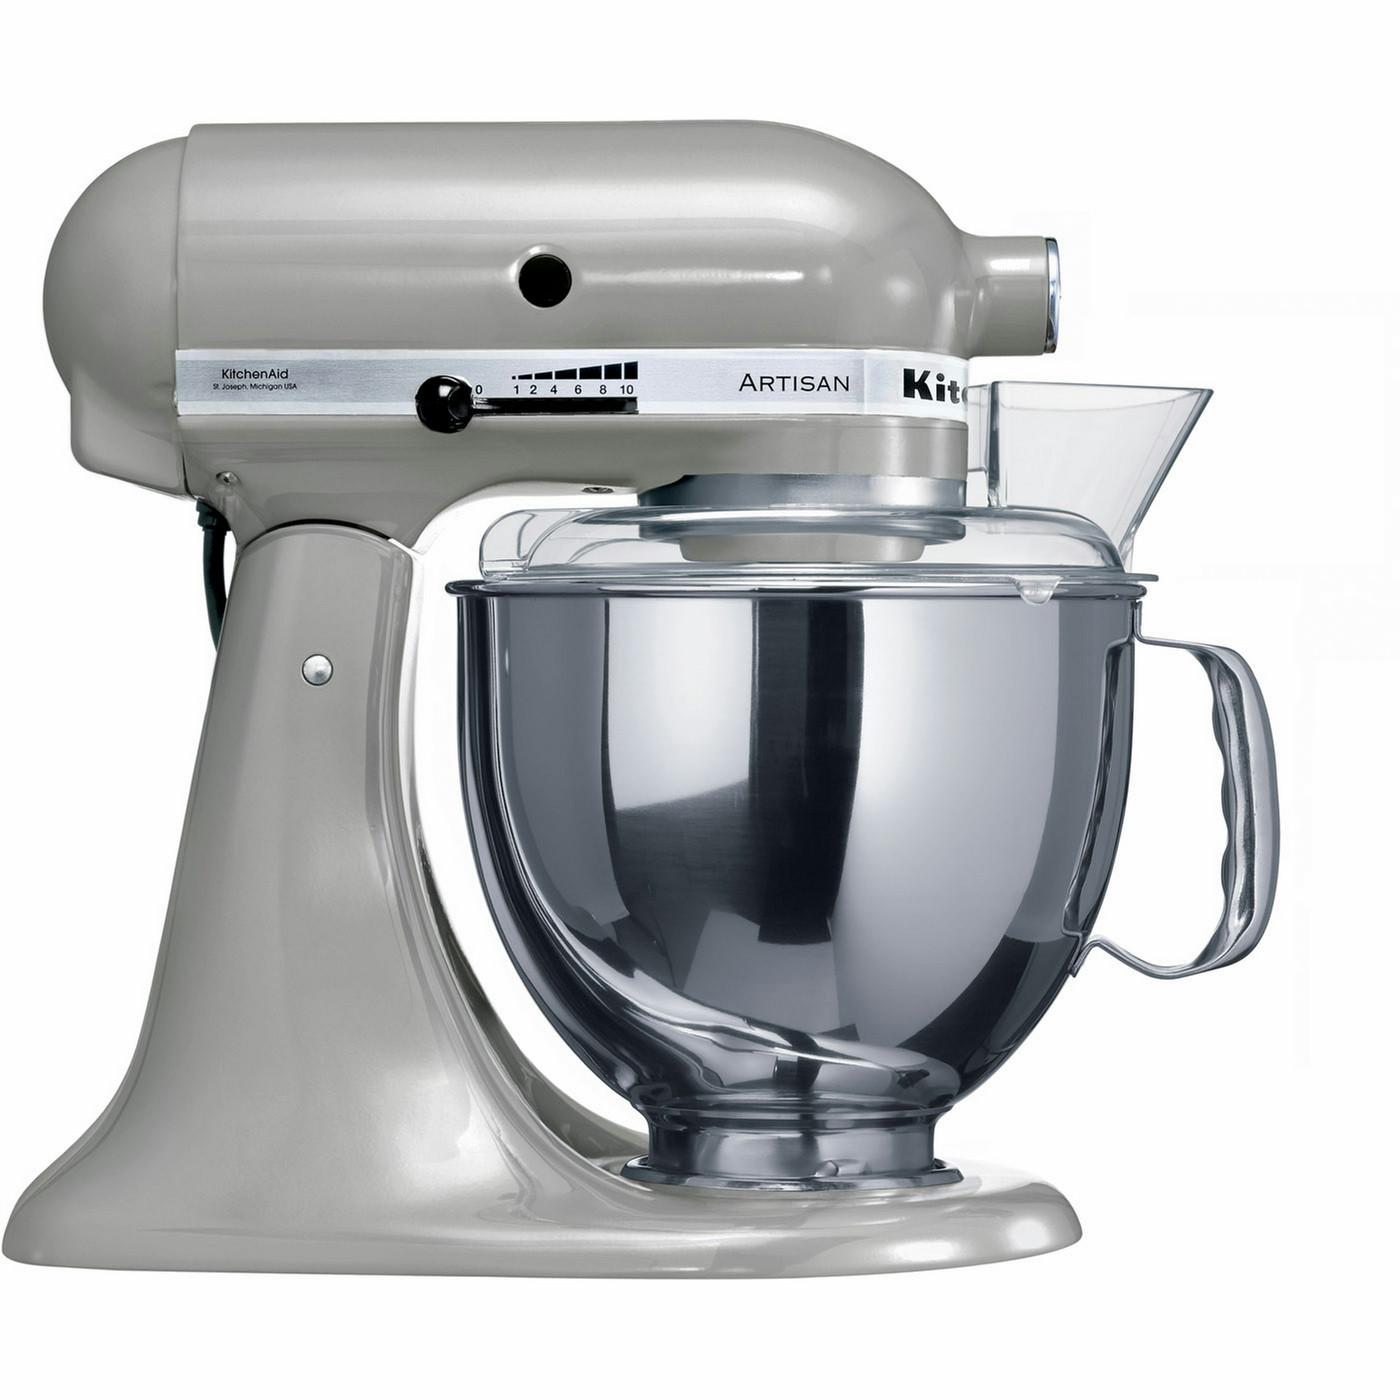 ᐈ Kitchenaid 5ksm150psemc Best Price